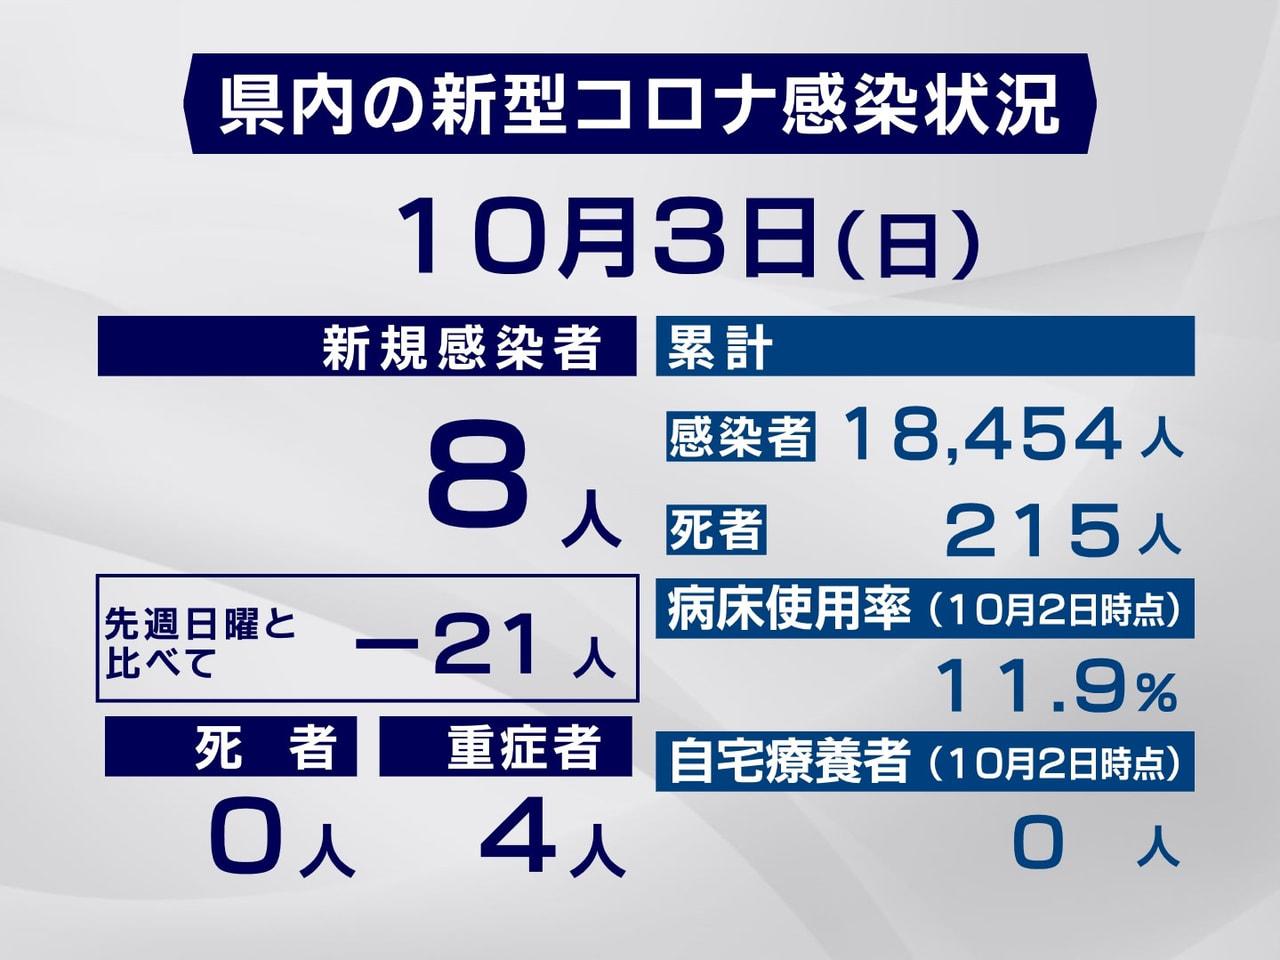 岐阜県と岐阜市は3日、新型コロナウイルスの感染が新たに8人確認されたと発表しまし...